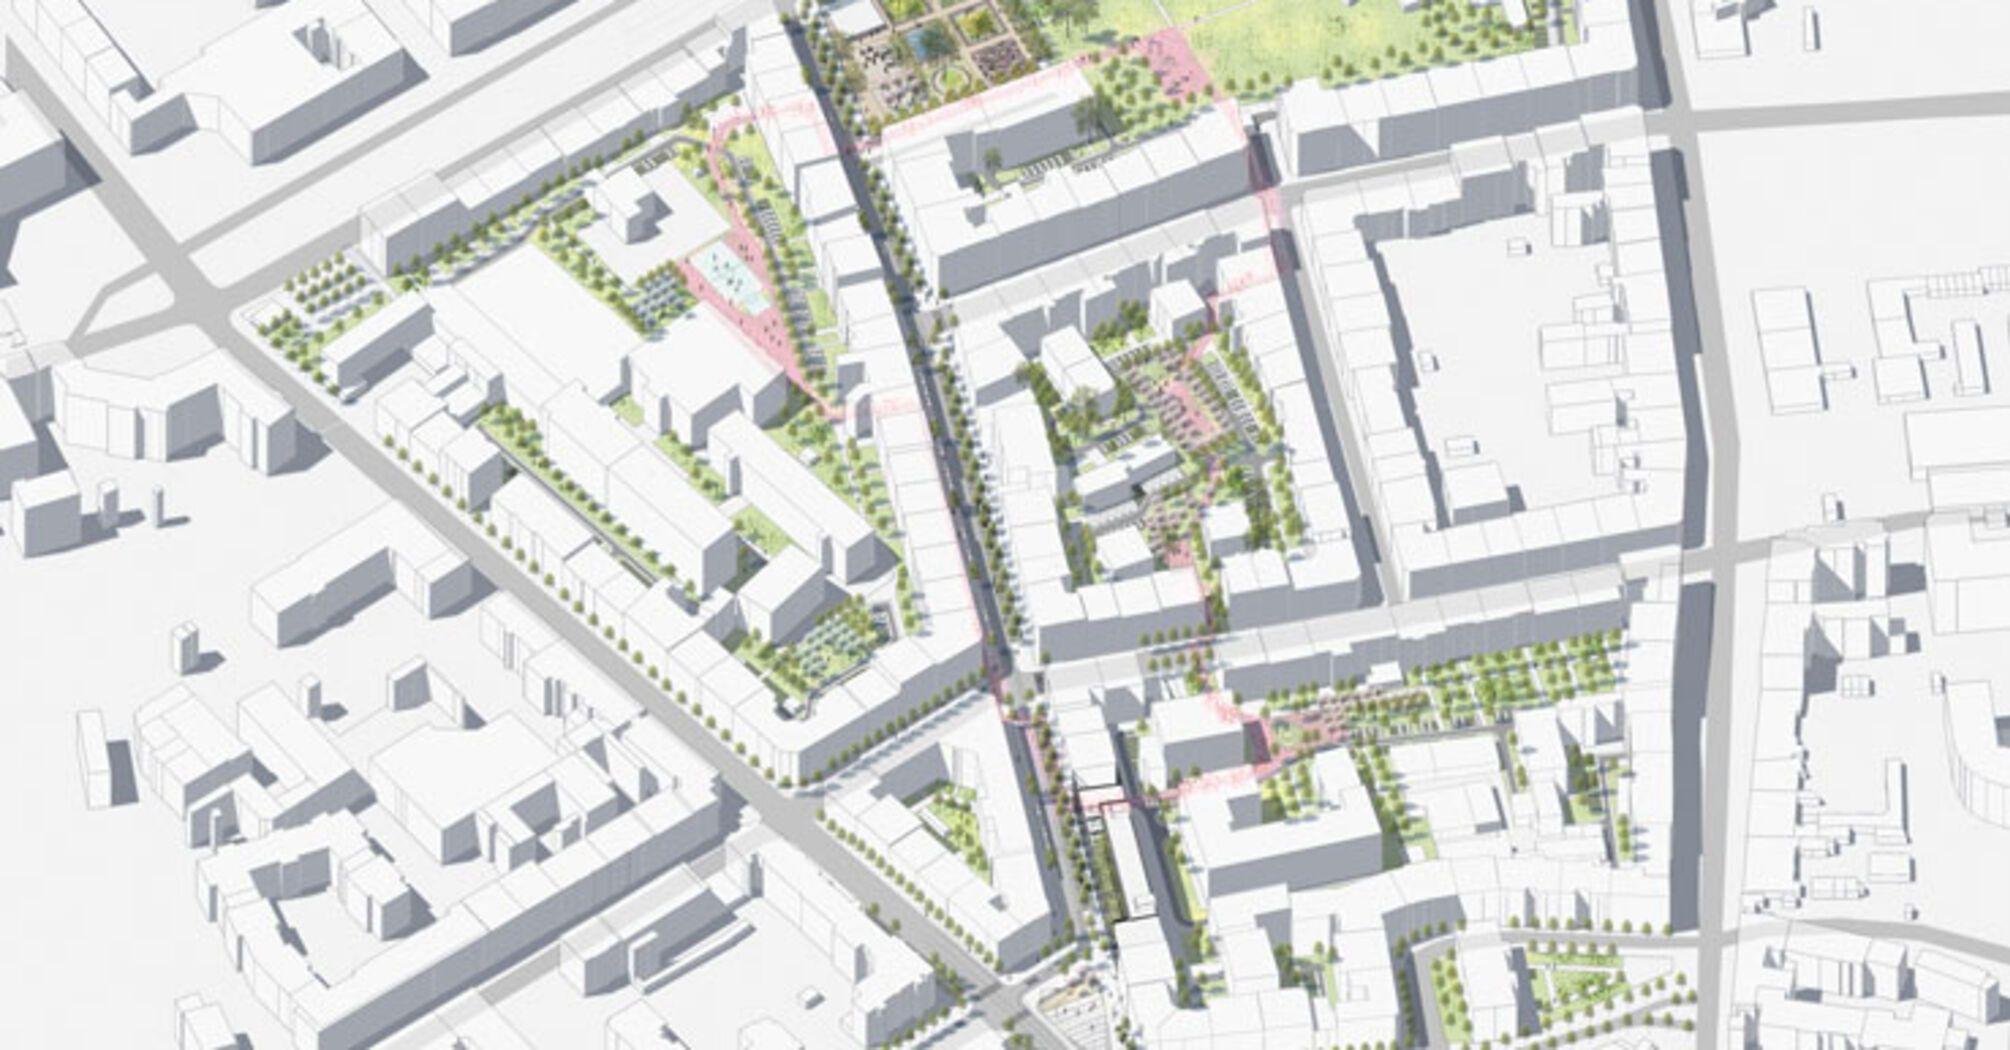 Українські архітектори отримали приз за проєкт реконструкції вулиці в Польщі